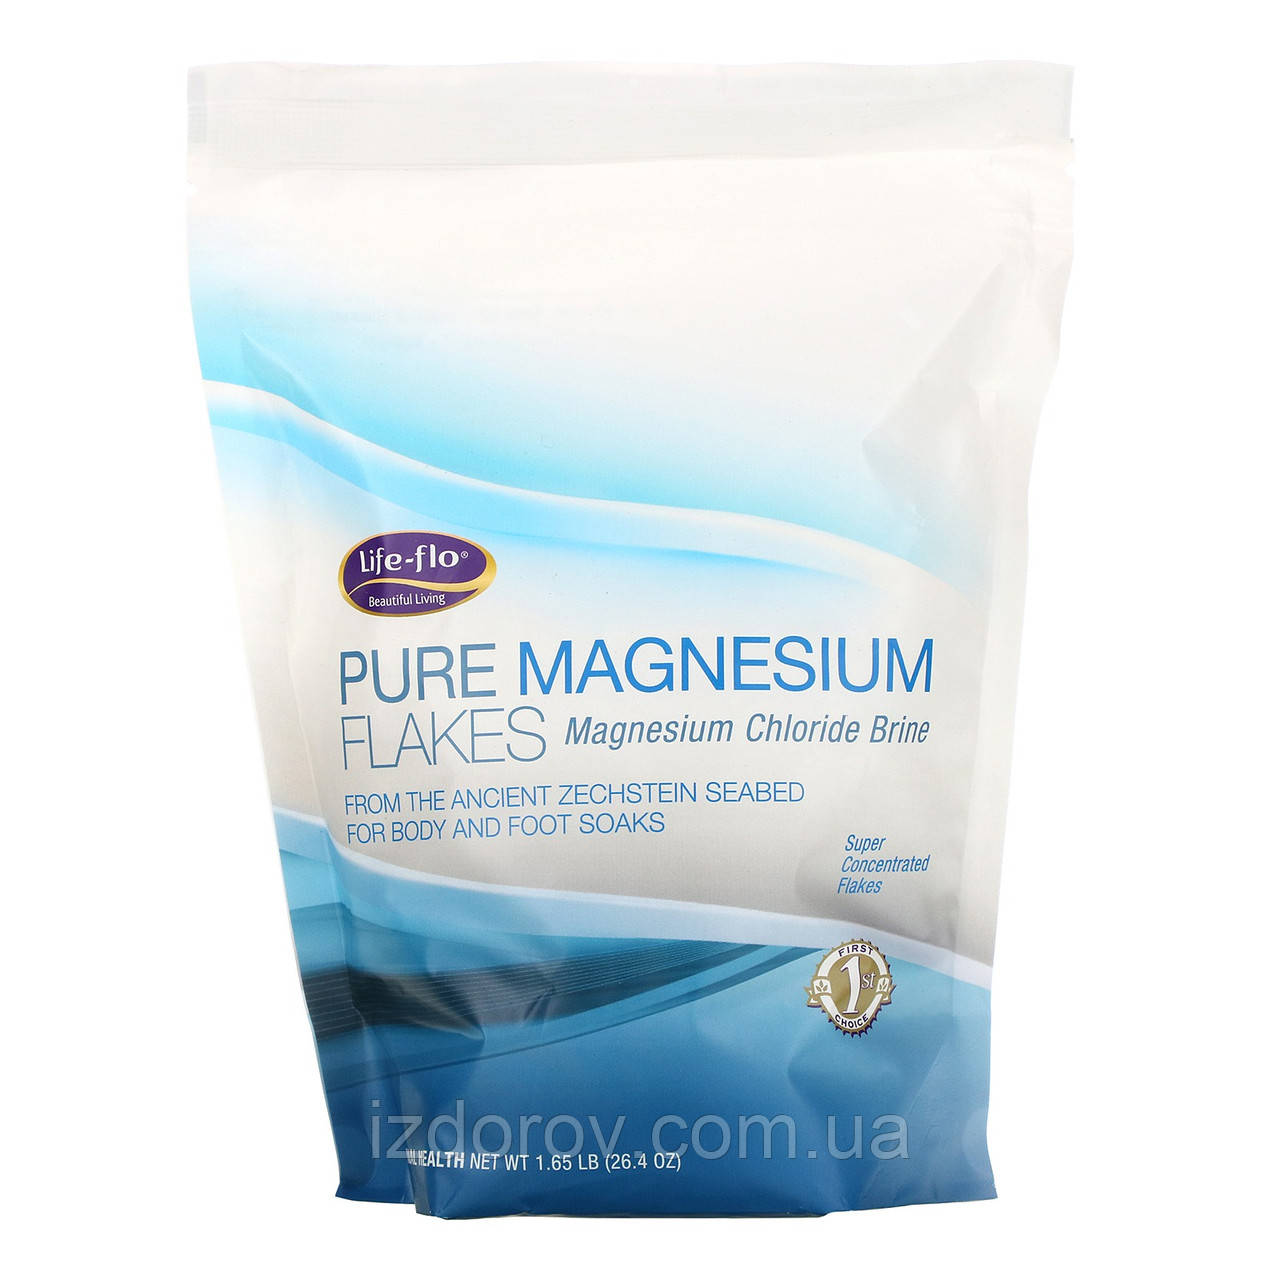 Life-flo, Чистые магниевые хлопья, рассол хлорида магния, Pure Magnesium, 1,65 фунта, 0,9 кг